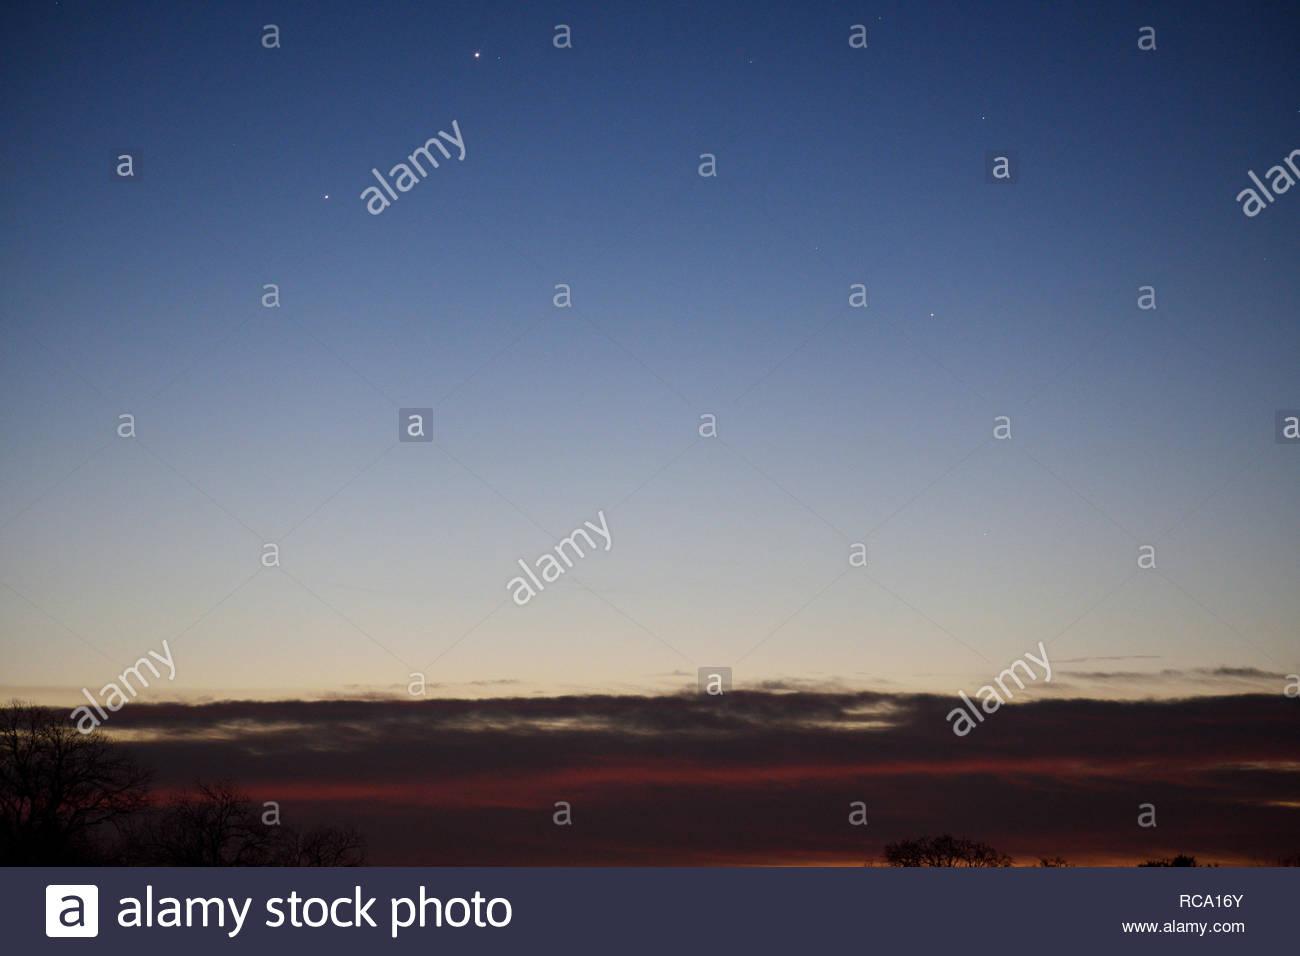 Jupiter and Mercury at sunrise. Morning Planets. Planet Mercury and Planet Jupiter. Jupiter and Mercury Conjunction. Planet Conjunction. Two planets. - Stock Image